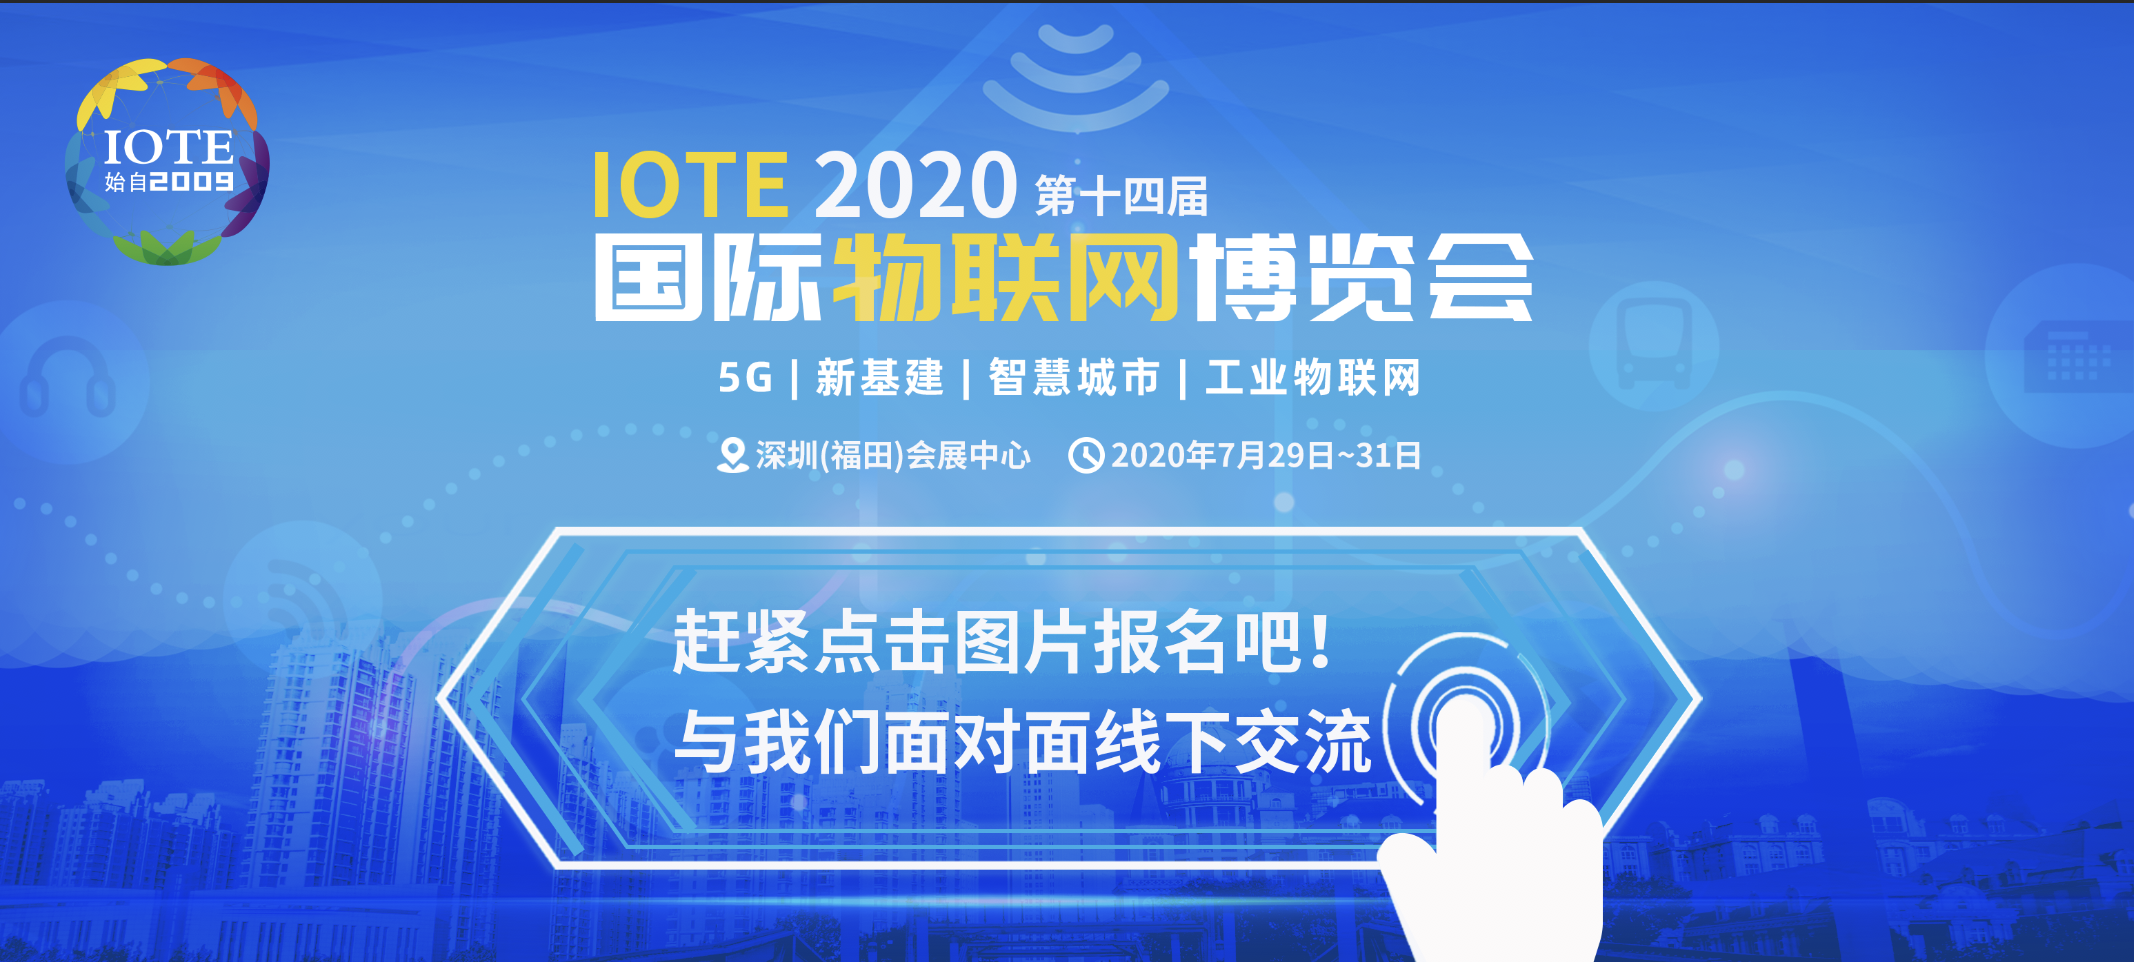 智慧化系统解决方案提供商,艾赛克即将亮相IOTE 2020深圳国际物联网展